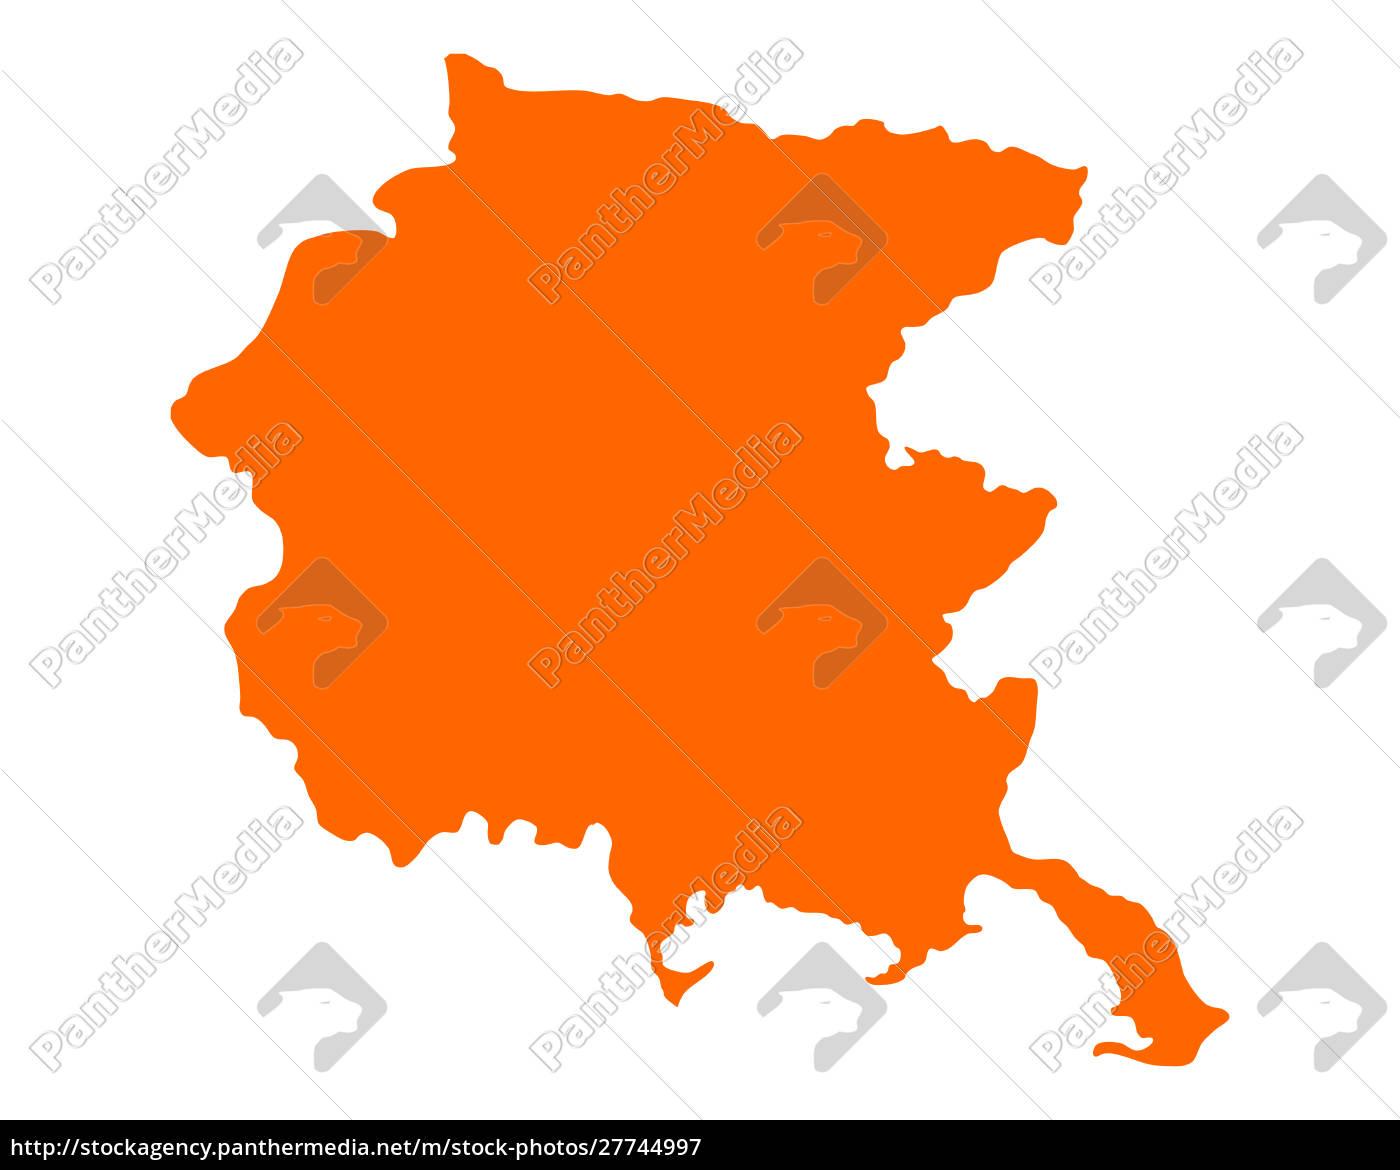 mappa, del, friuli-venezia, giulia - 27744997